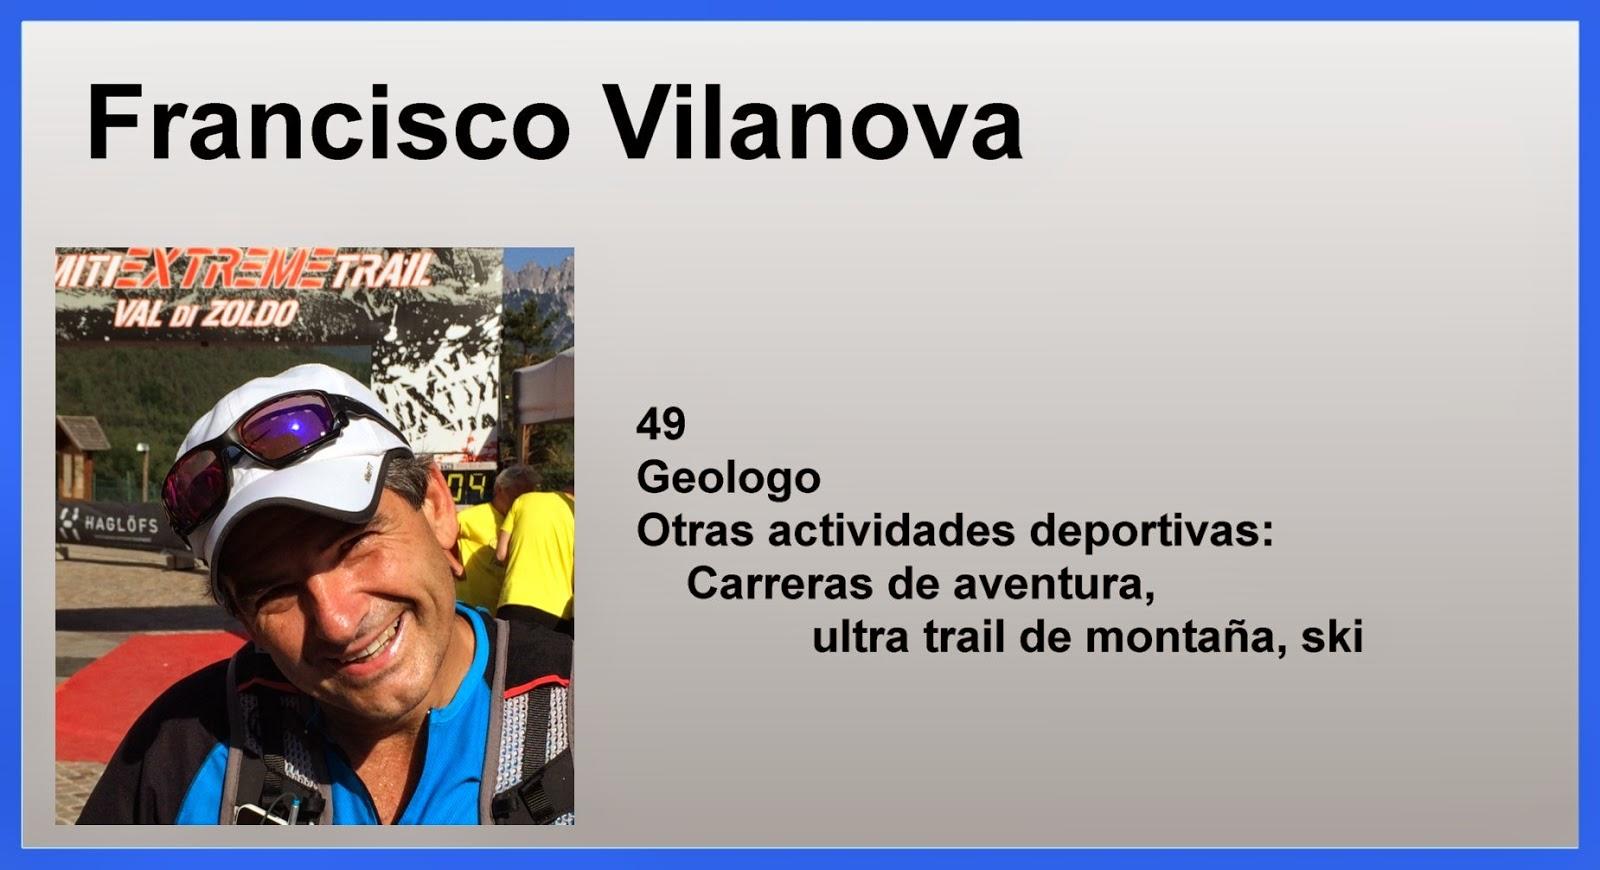 https://www.facebook.com/francisco.vilanova.7?ref=br_rs